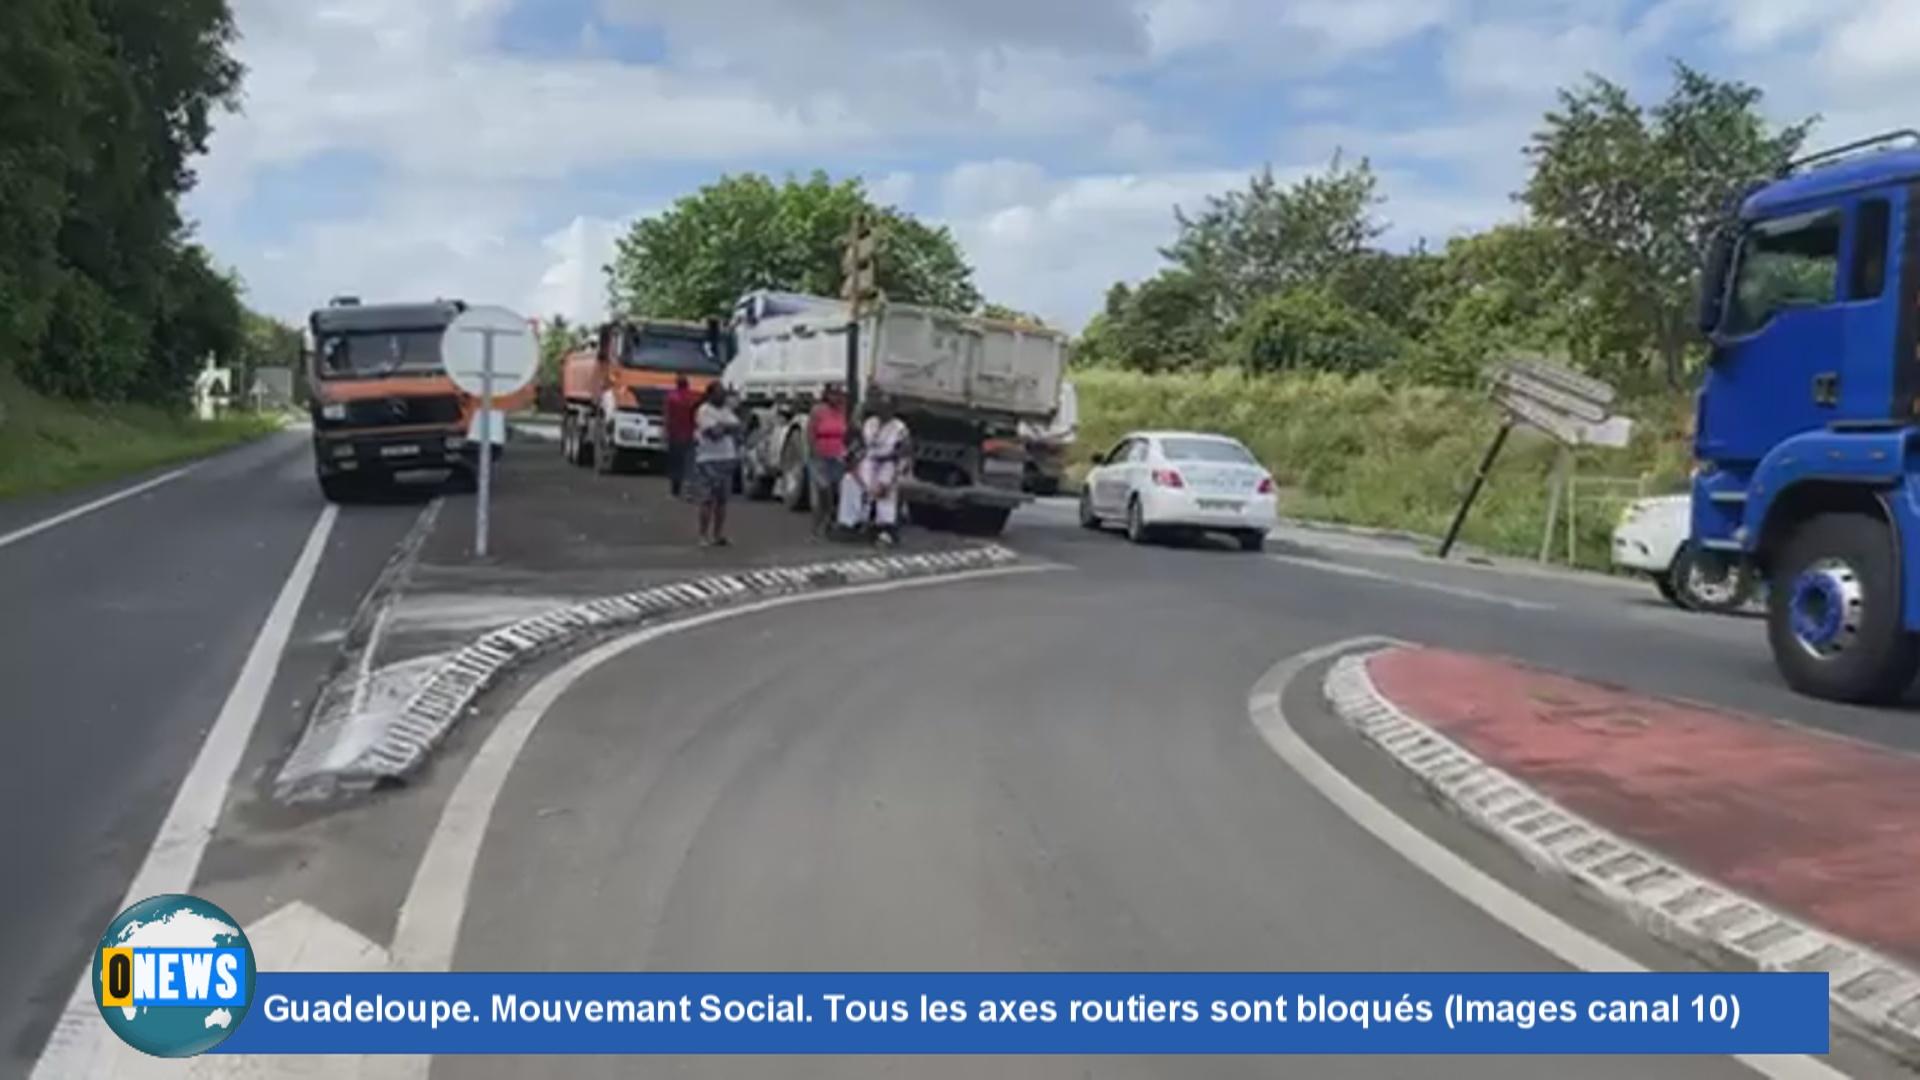 [Vidéo] Onews Guadeloupe. Tension sociale. Réaction du maire de capesterre Jean Philippe COURTOIS